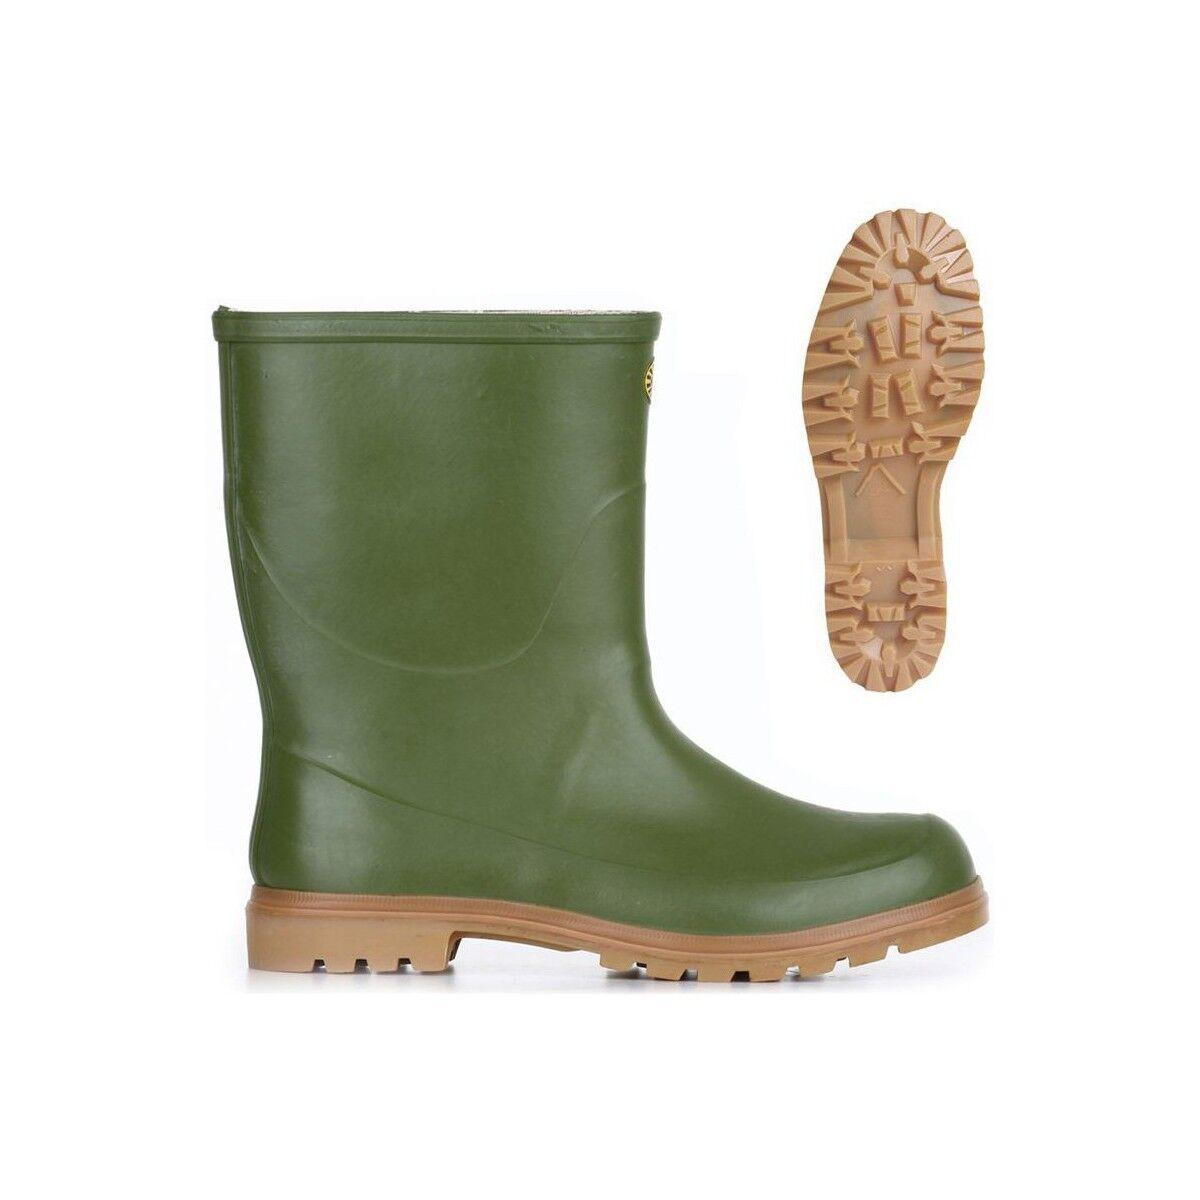 botas gomma hombres mujer SUPERGA 7133 TRONCHETTO ALPINA pioggia verde OLIVA 927d